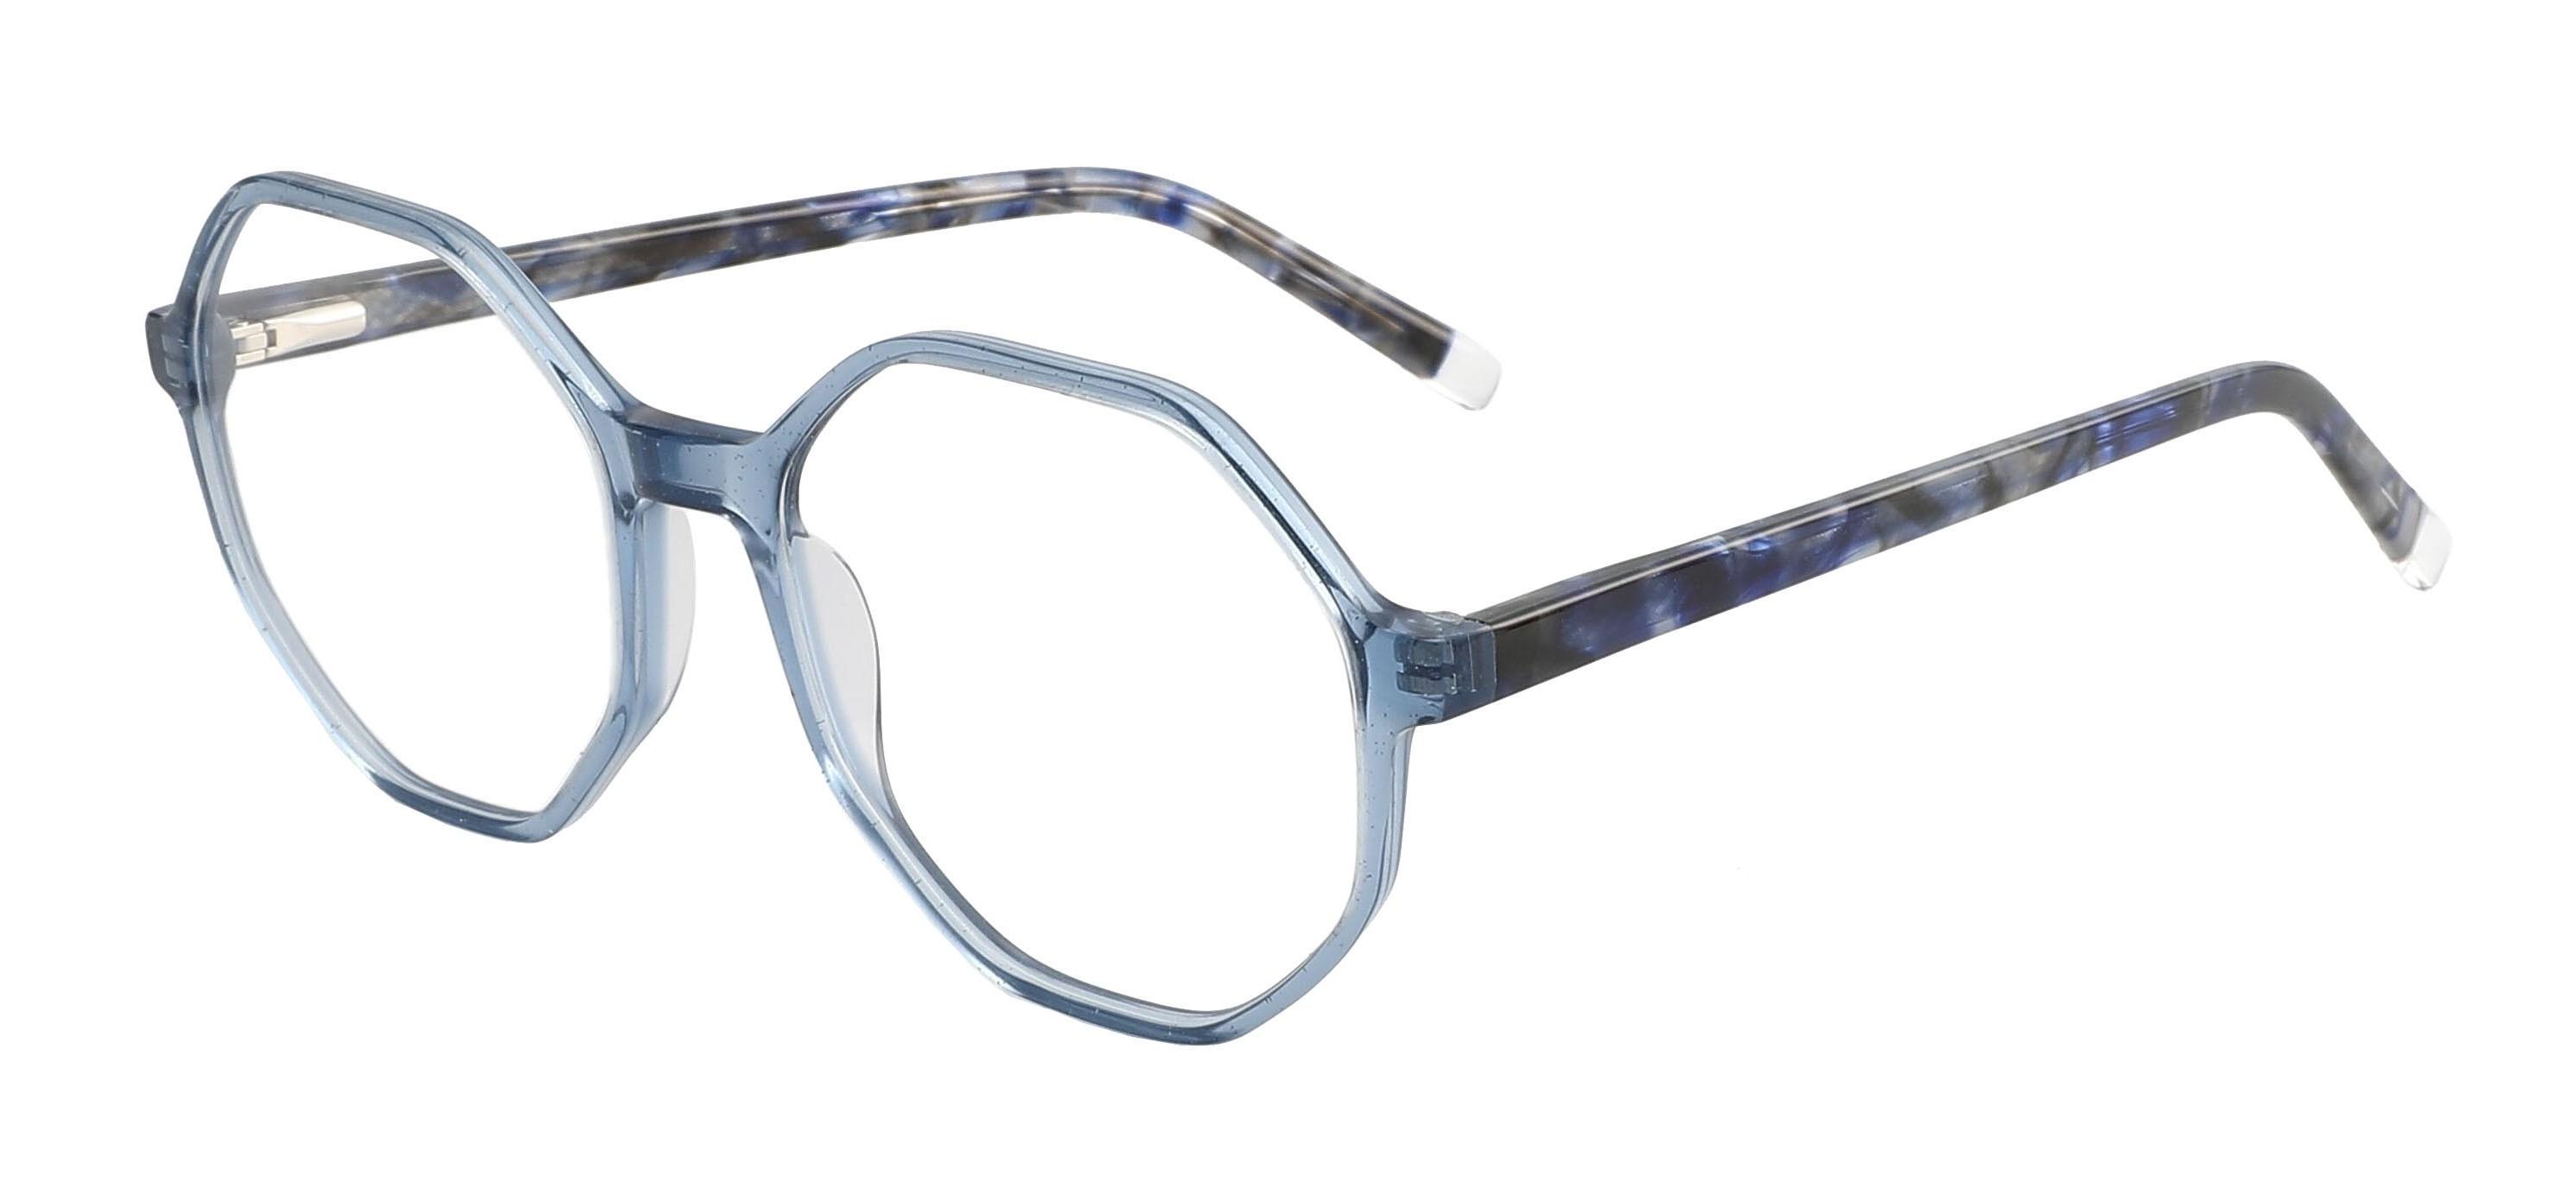 Freya sinise valguse prillid